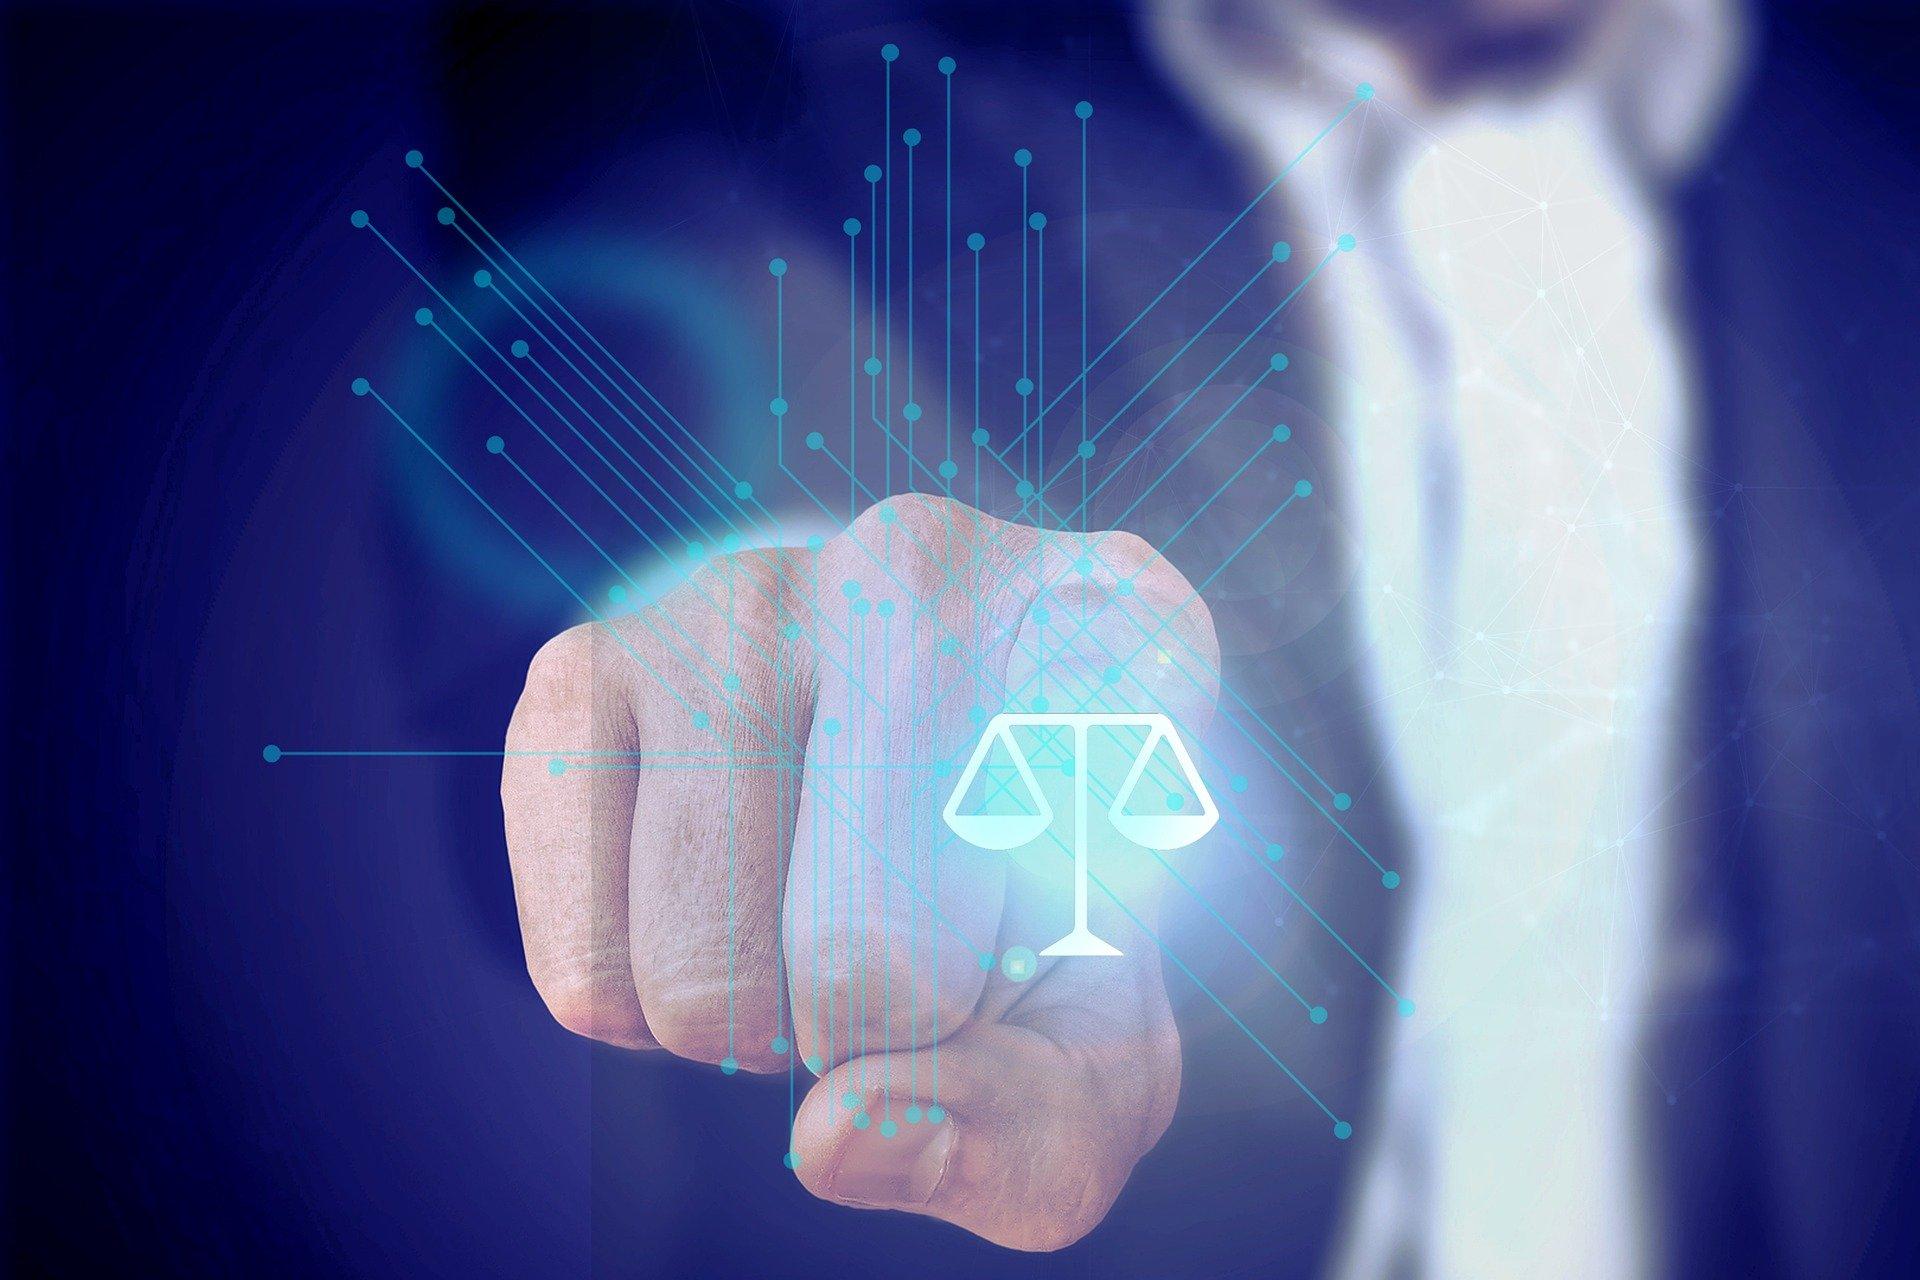 Derecho digital, protección legal